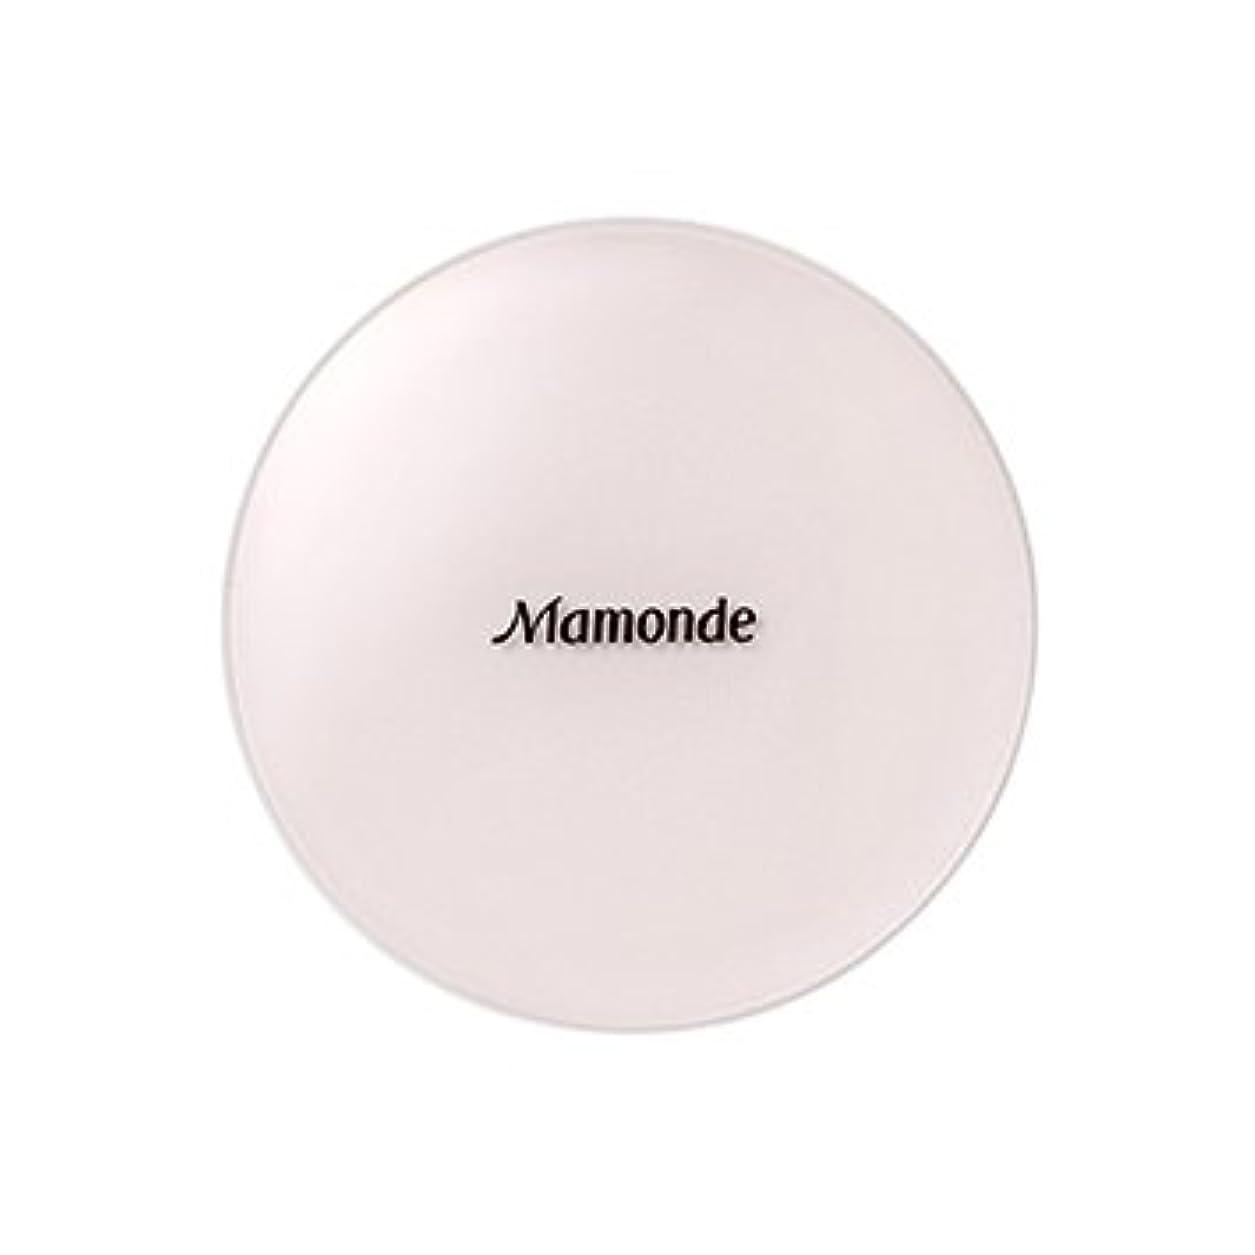 前アレイ騒乱[New] Mamonde Brightening Cover Ampoule Cushion 15g/マモンド ブライトニング カバー アンプル クッション 15g (#21N Medium Beige) [並行輸入品]